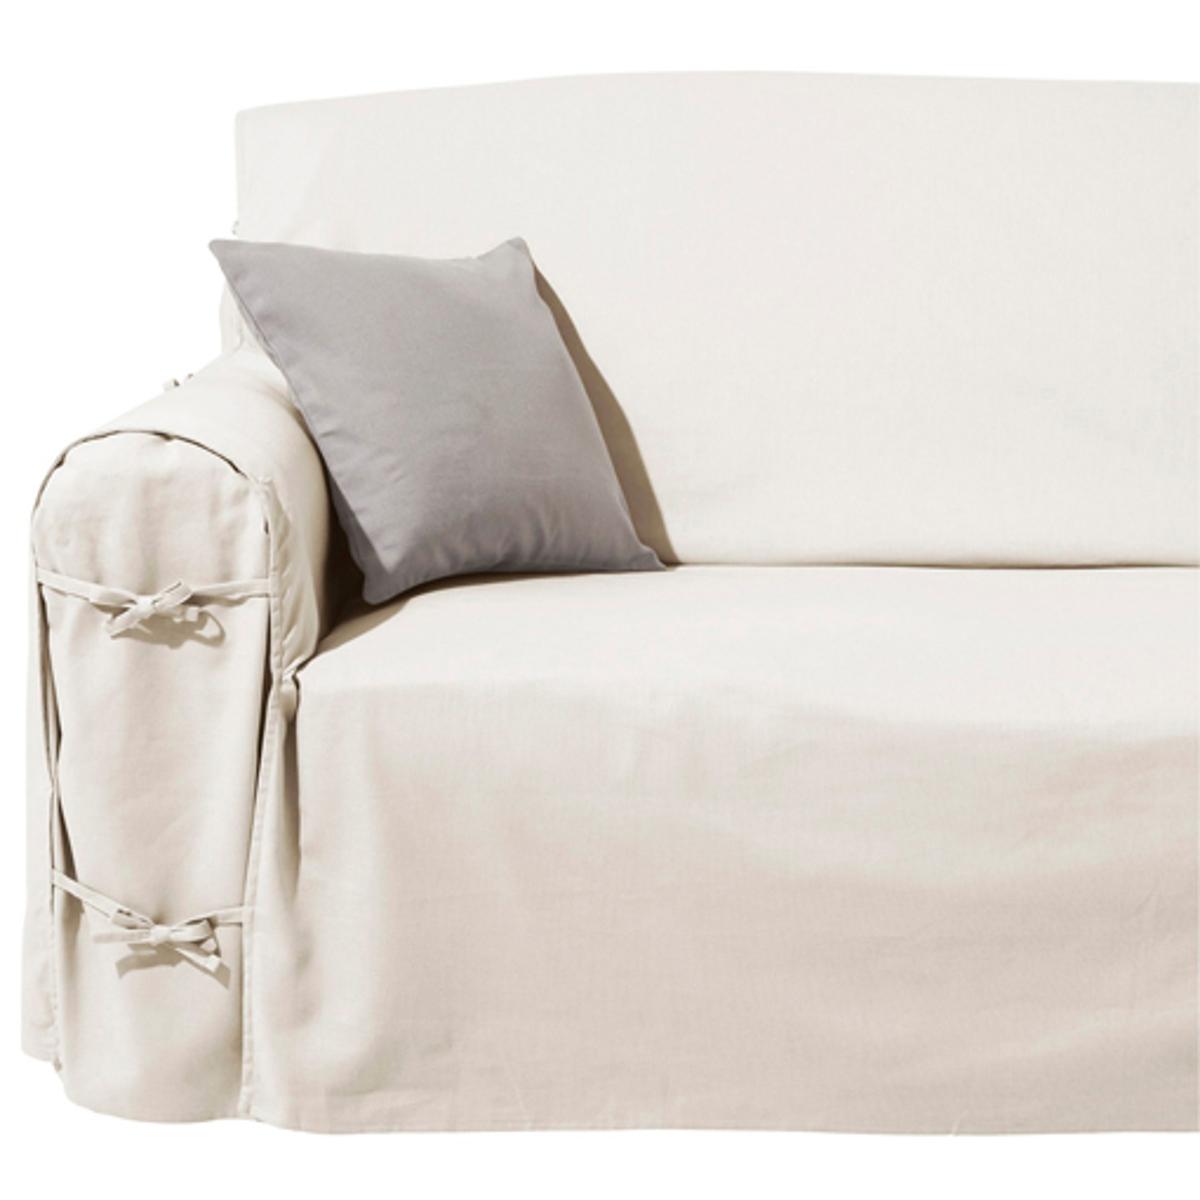 Чехол La Redoute Для дивана SCENARIO 2 места белый чехол la redoute эластичный для кресла и дивана ahmis 3 местн белый